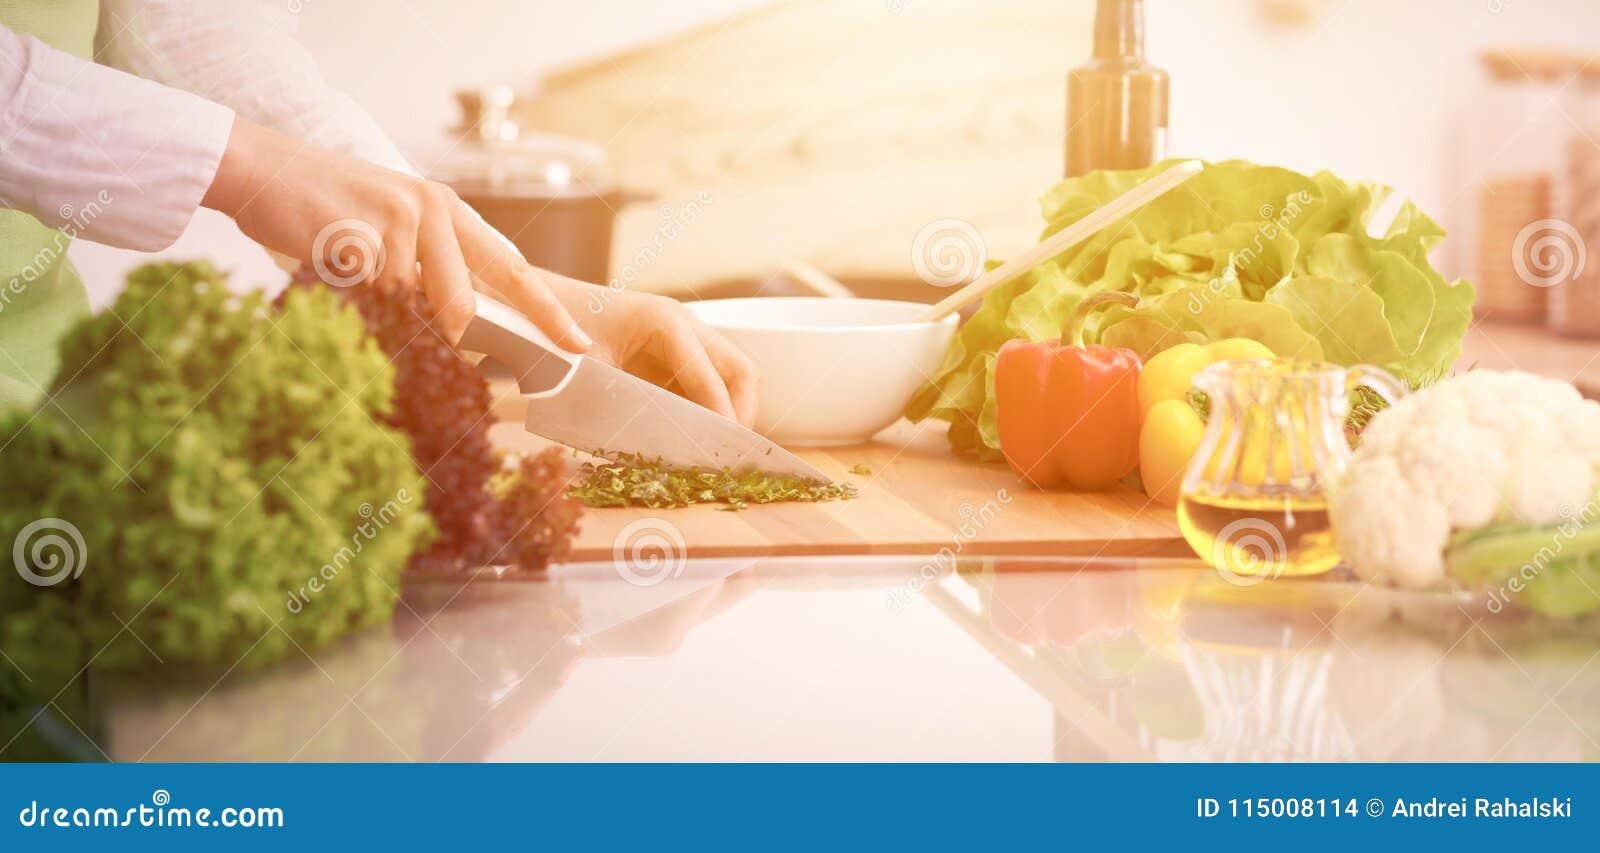 Slutet av människan räcker upp matlagninggrönsaksallad i kök på den glass tabellen med reflexion Sunt mål, och